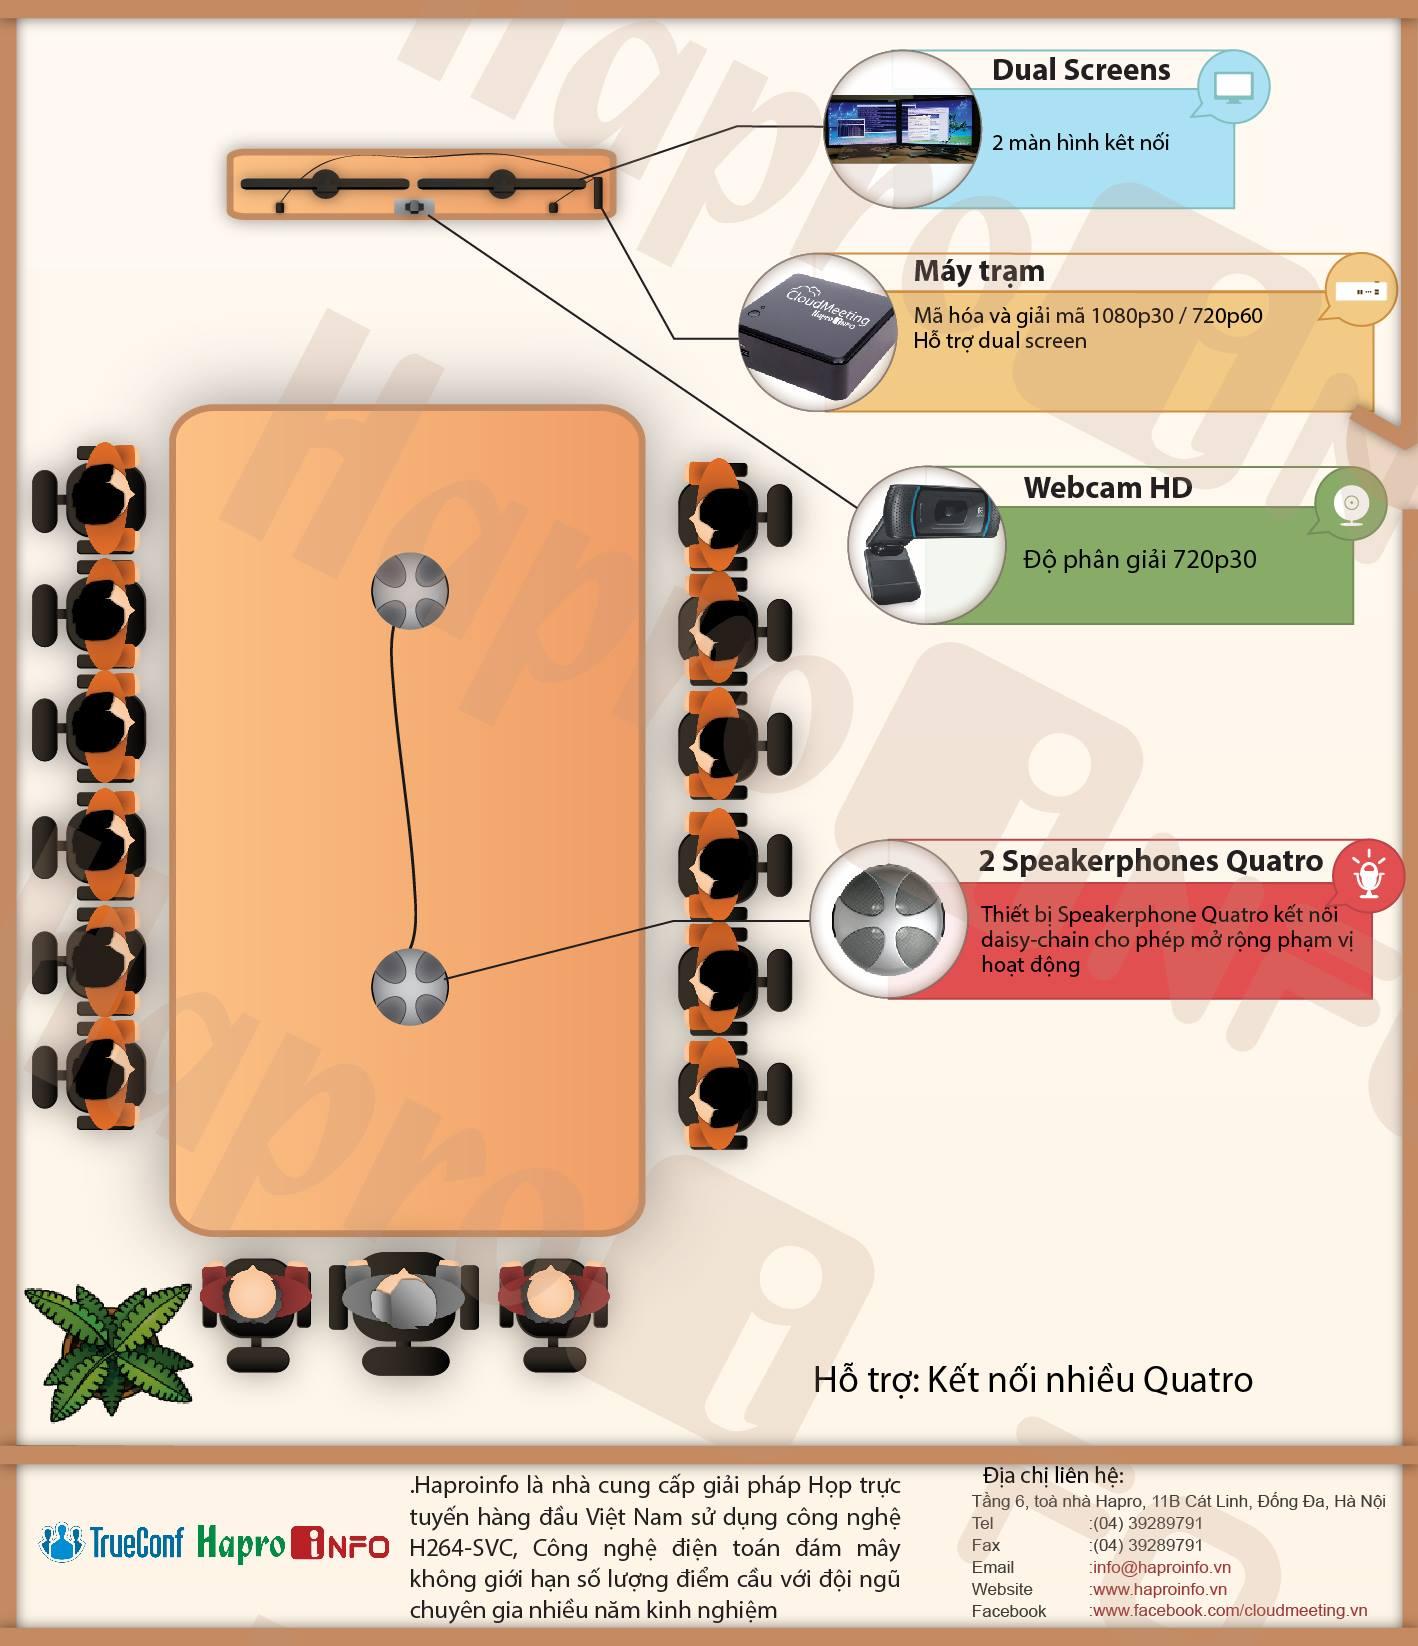 Cáp USB nối dài Phoenix -ứng dụng trong hội nghị truyền hình